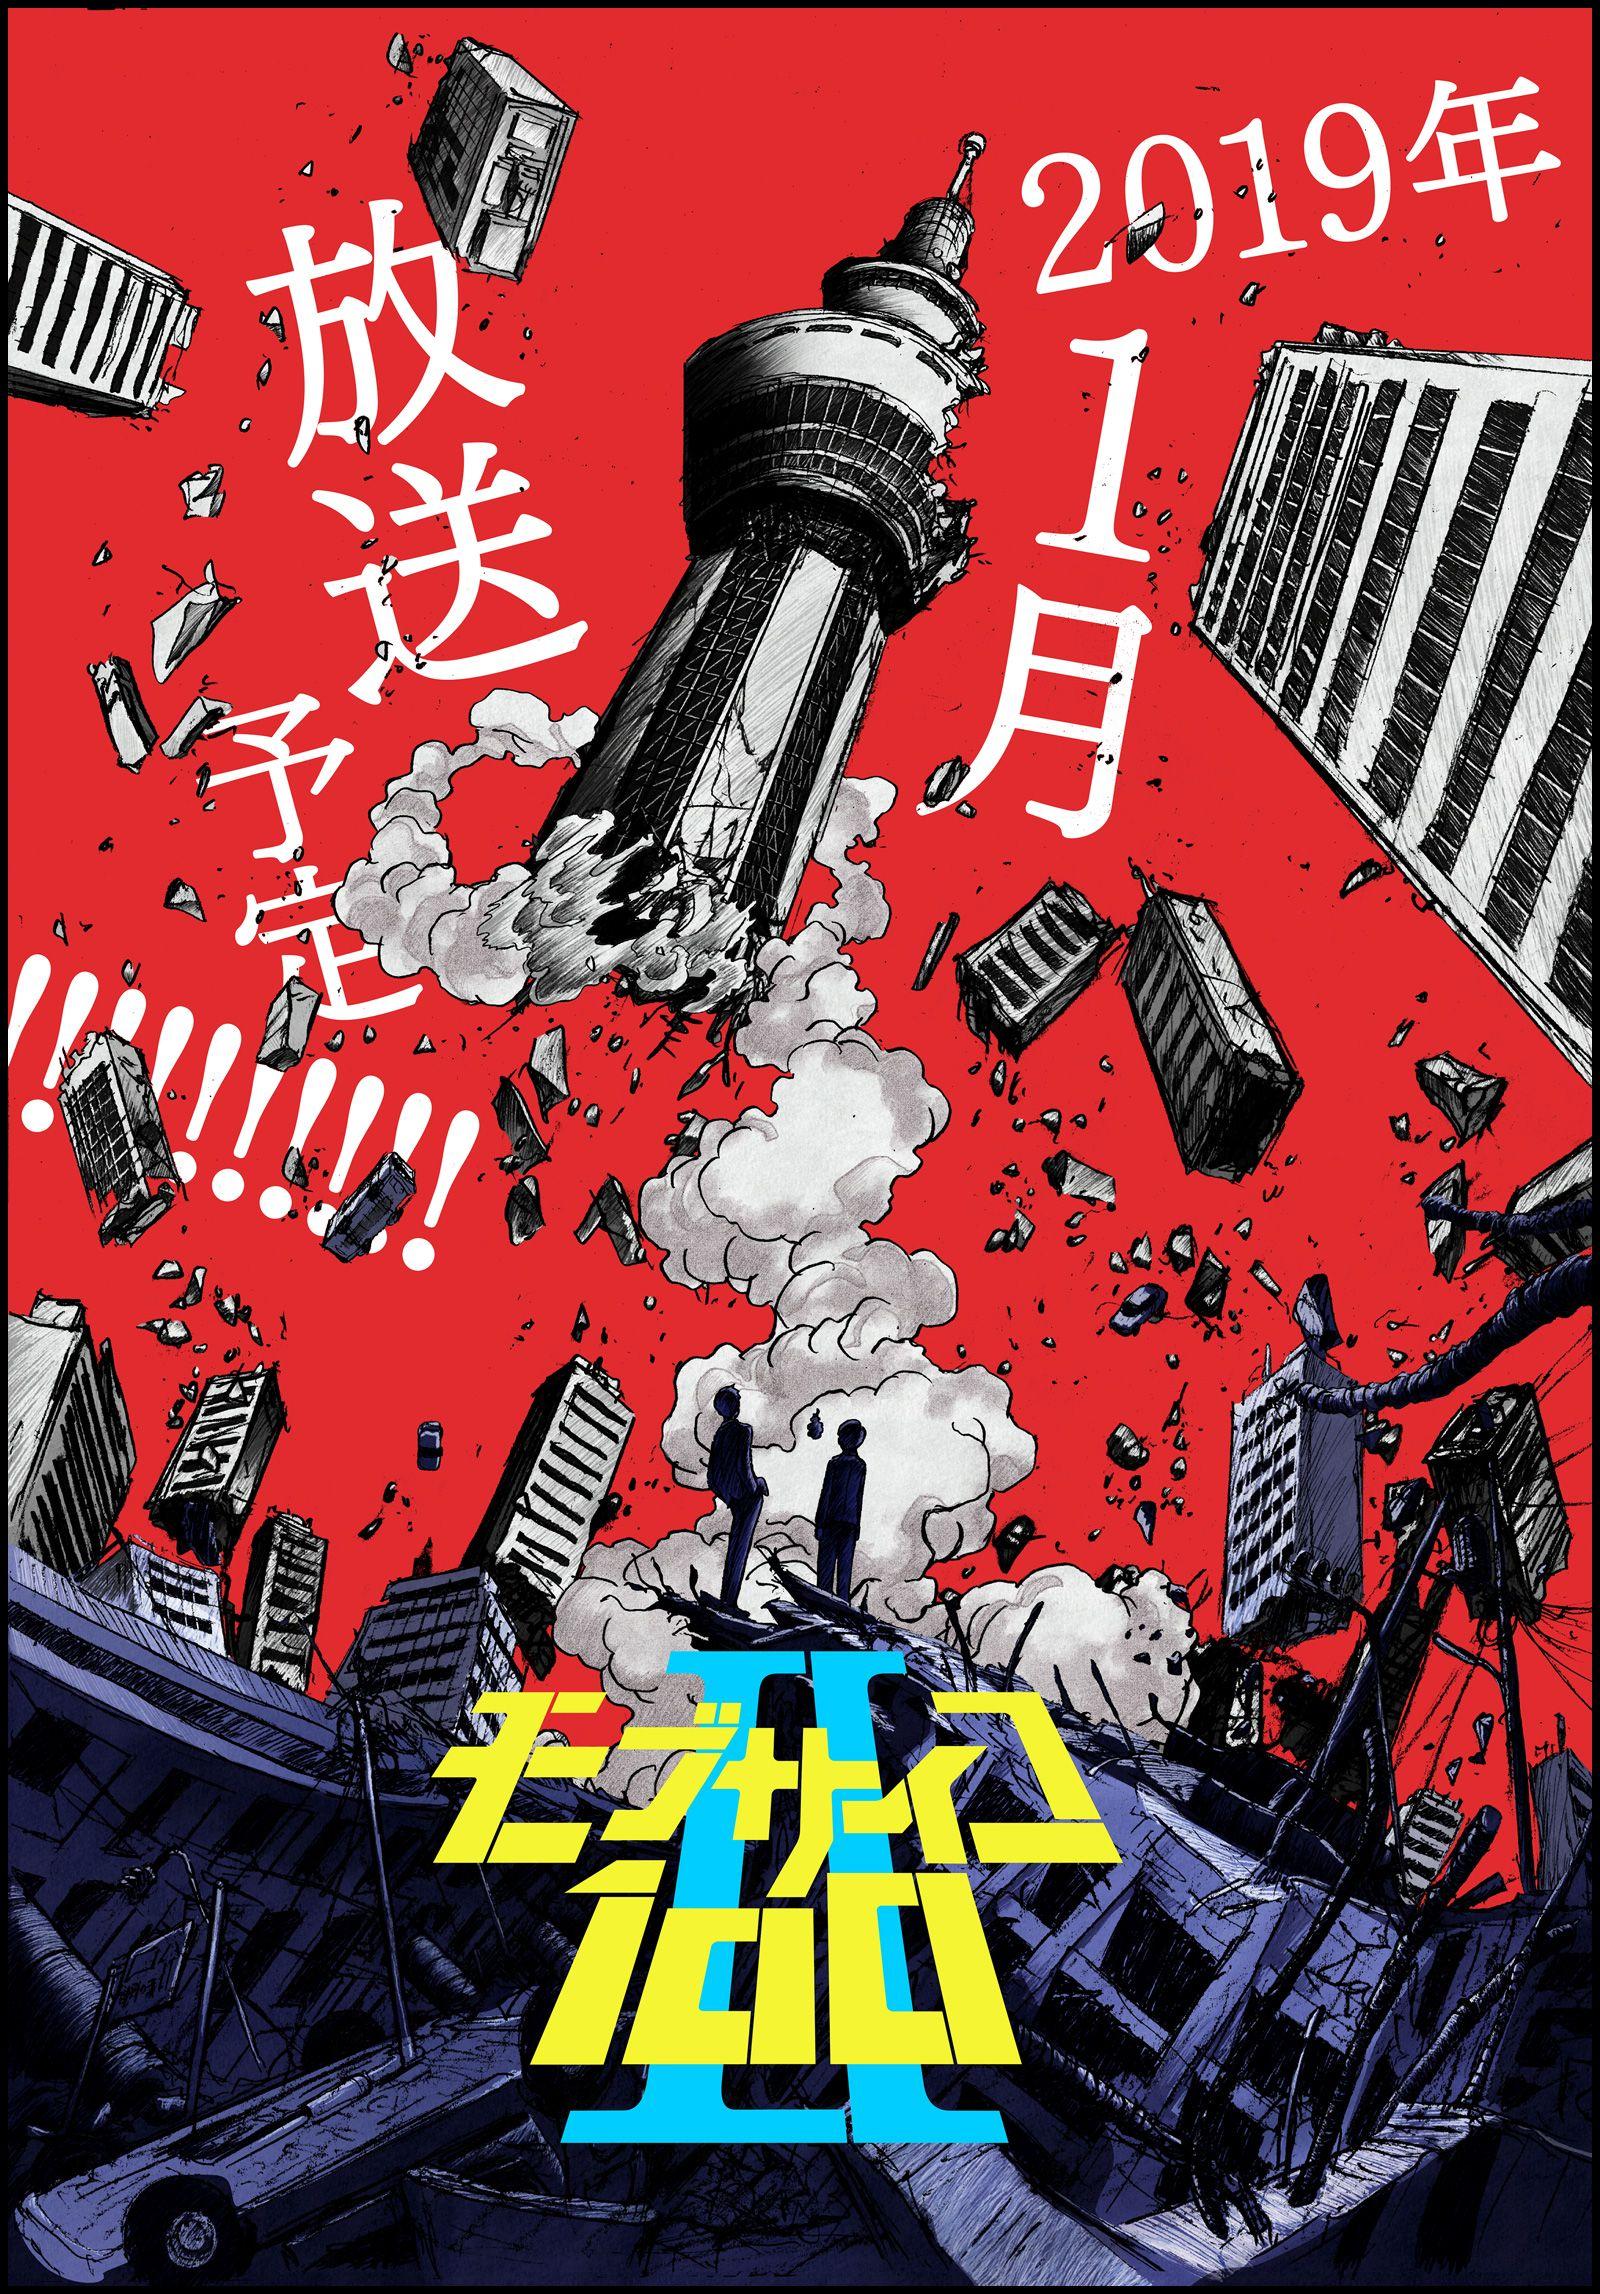 TVアニメ『モブサイコ100』公式サイト Mob Psycho season 2 冬 アニメ, アニメ, 村田雄介